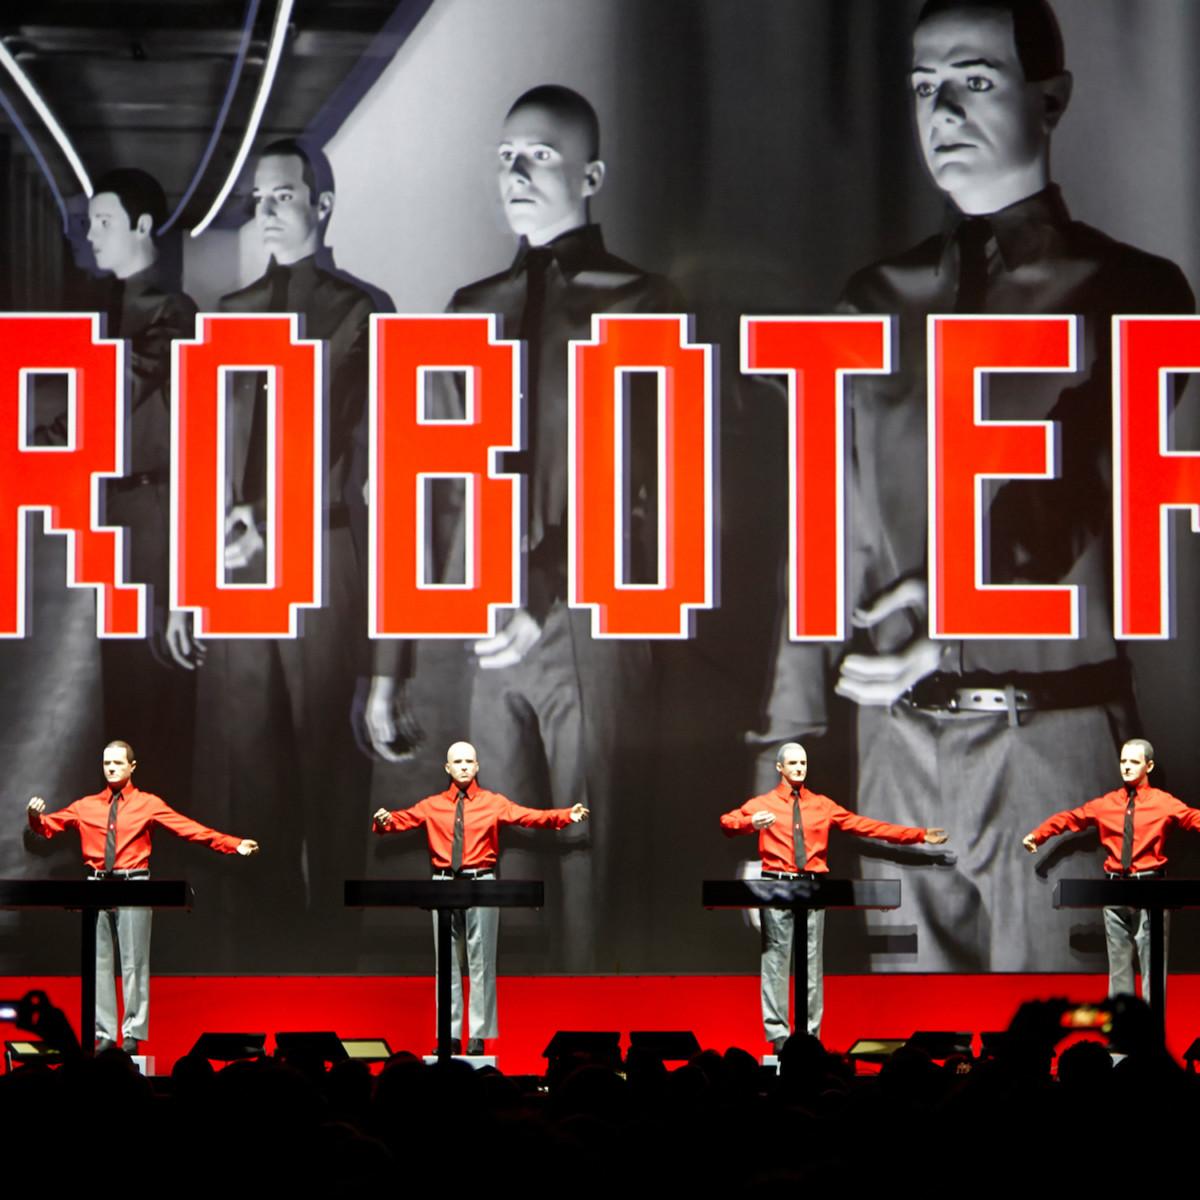 Design Luminy Roboter Die Roboter - Kraftwerk Histoire du design Icônes Références Textes  Roboter robot Kraftwerk   Design Marseille Enseignement Luminy Master Licence DNAP+Design DNA+Design DNSEP+Design Beaux-arts